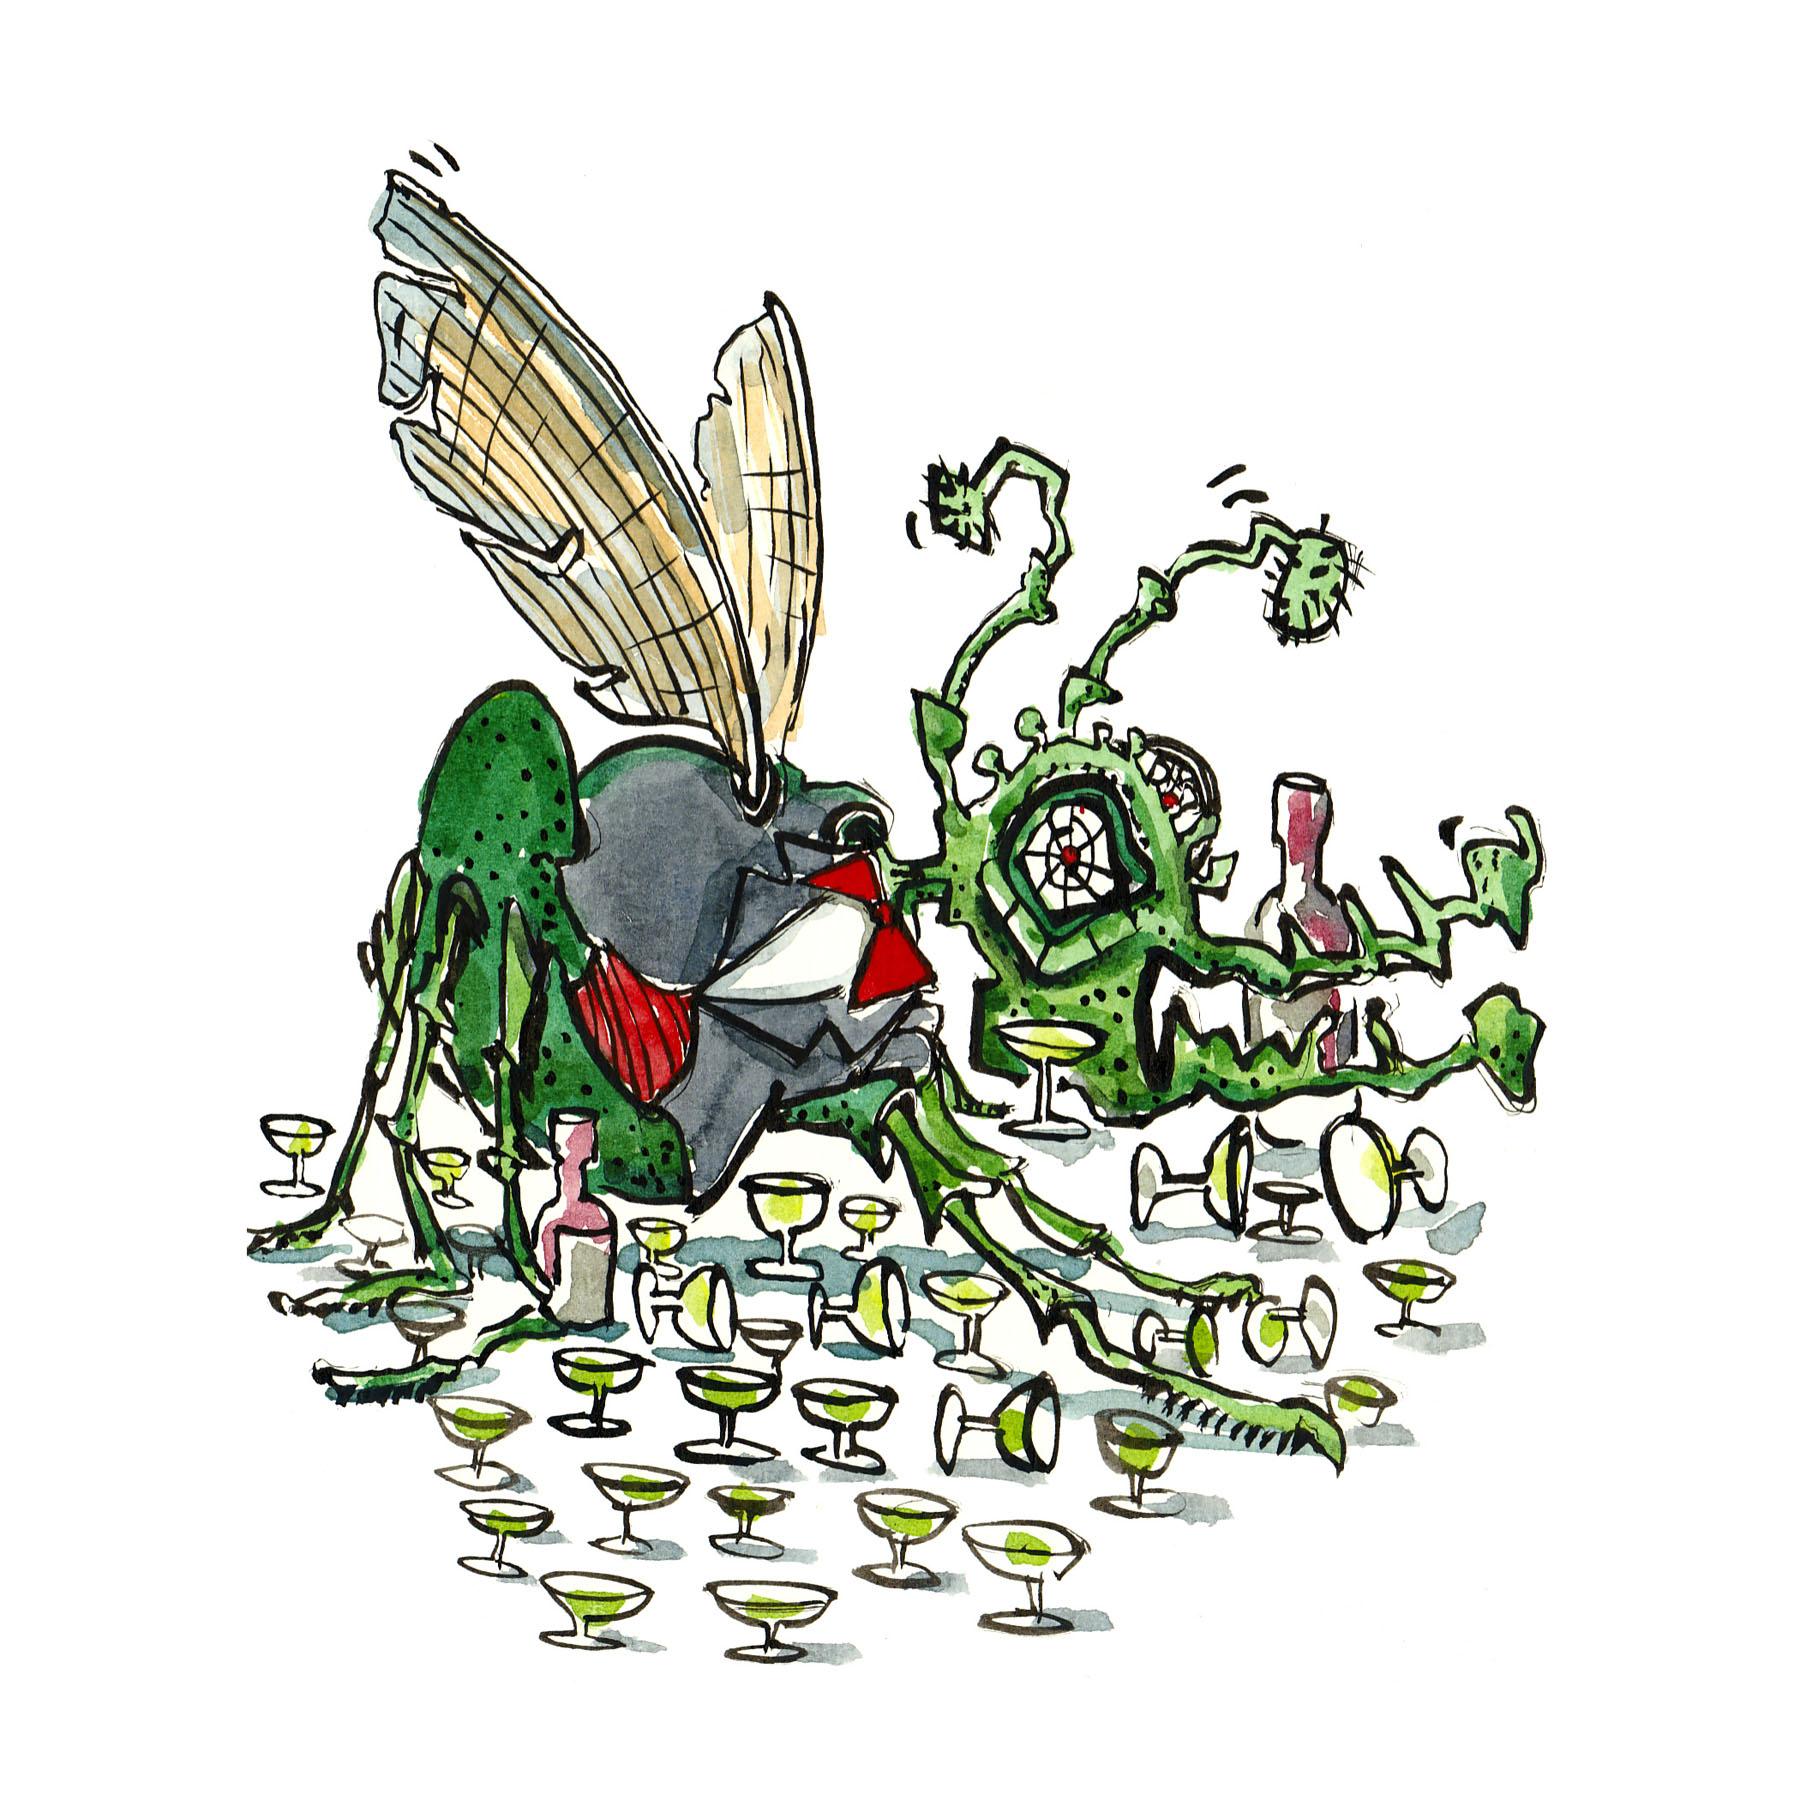 insekt i jakkesæt med glas og flasker omkring - illustration af Frits Ahlefeldt